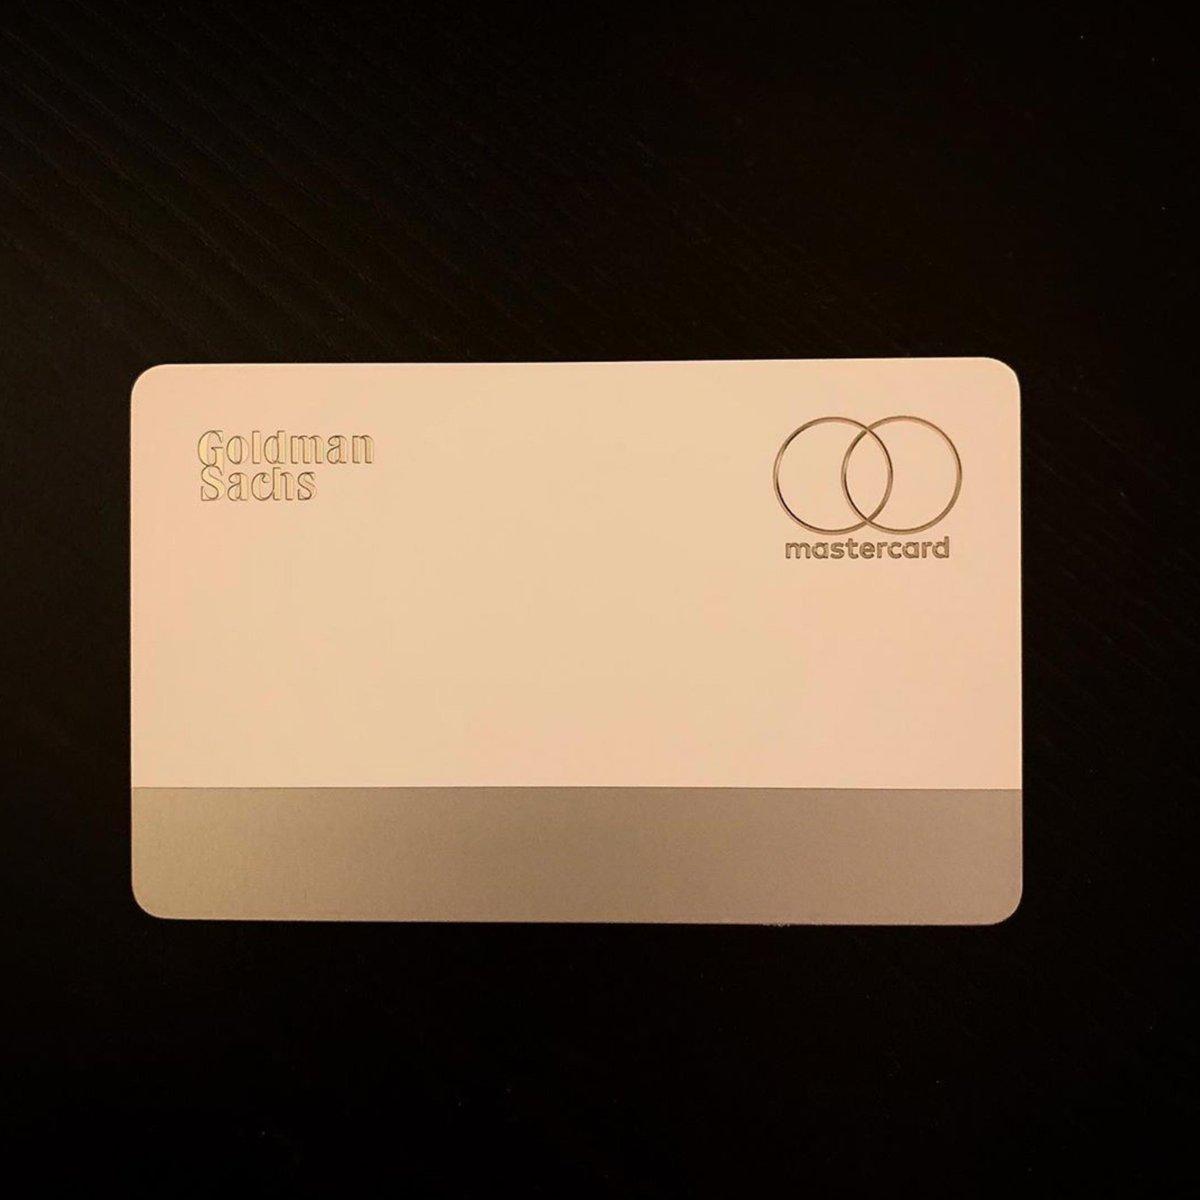 Apple Card Physical Card Photo Img 3